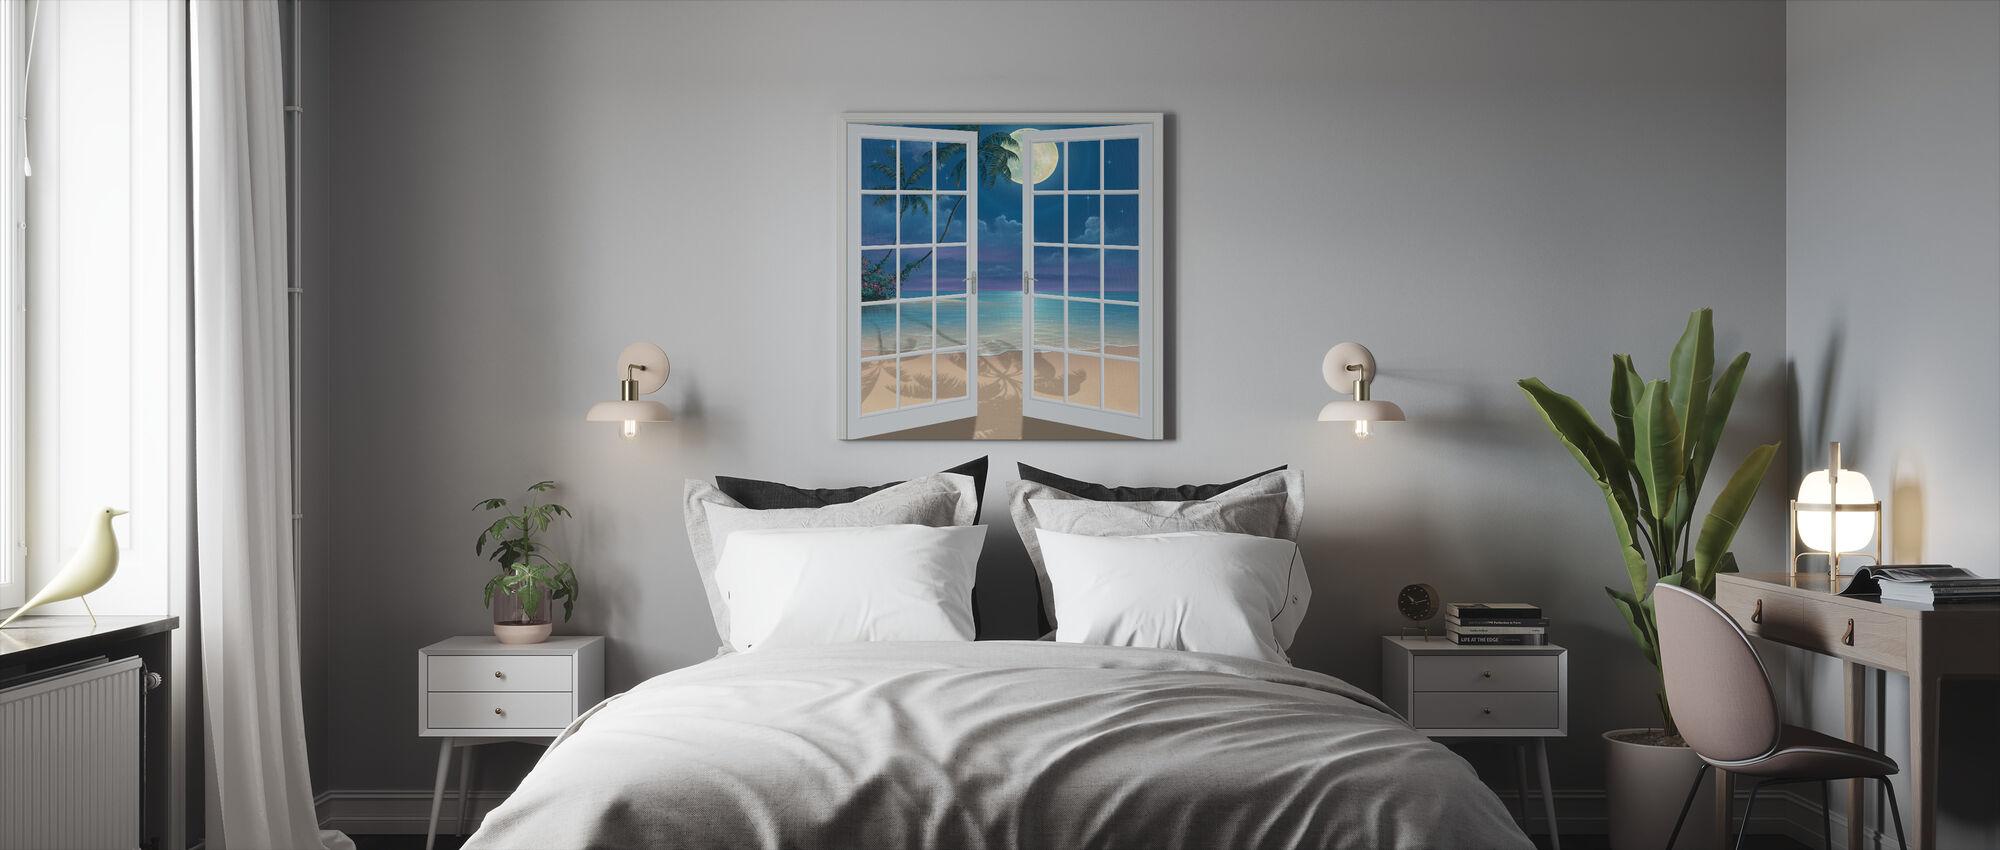 Kuu varjot - Canvastaulu - Makuuhuone